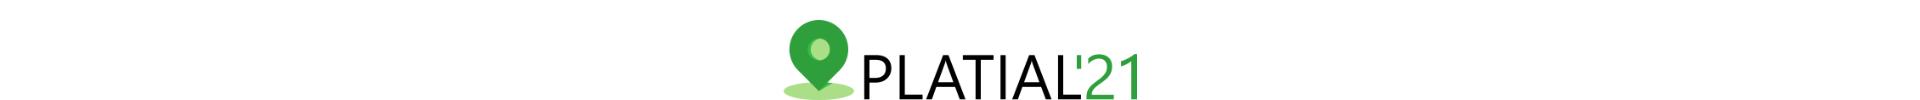 PLATIAL'21